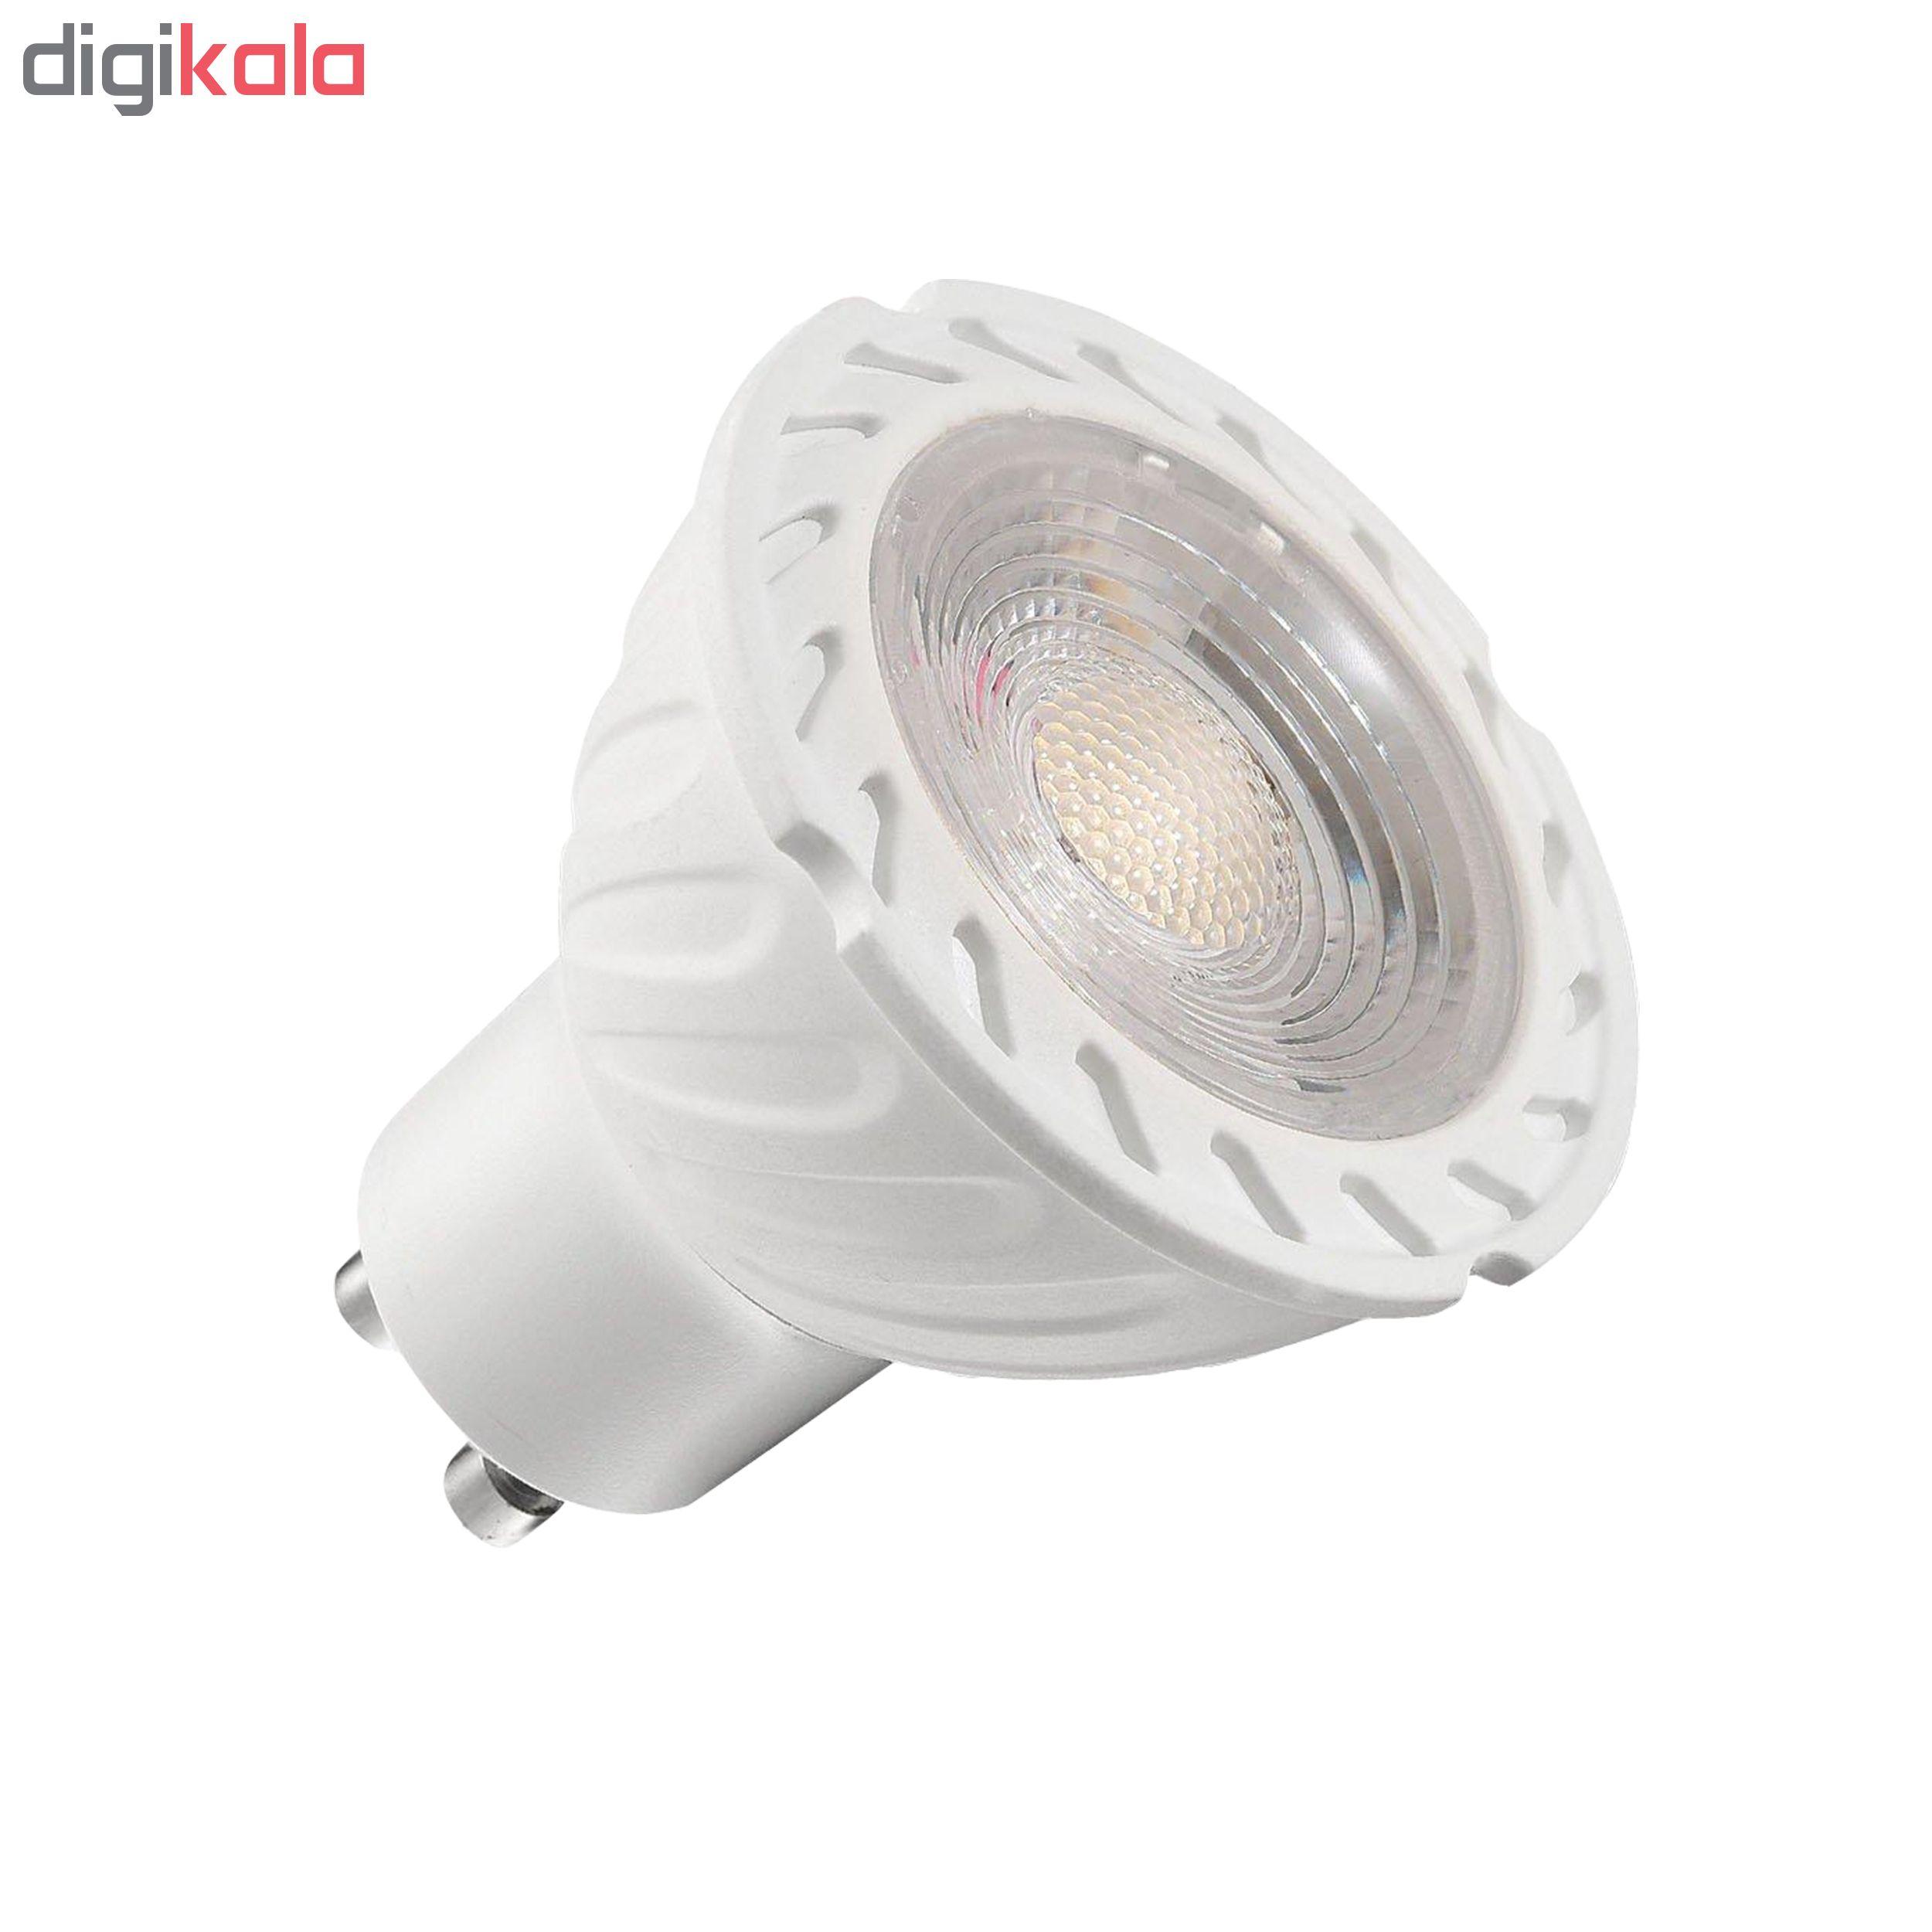 لامپ هالوژن 7 وات مدل GOL-004 پایه GU10 بسته 4 عددی